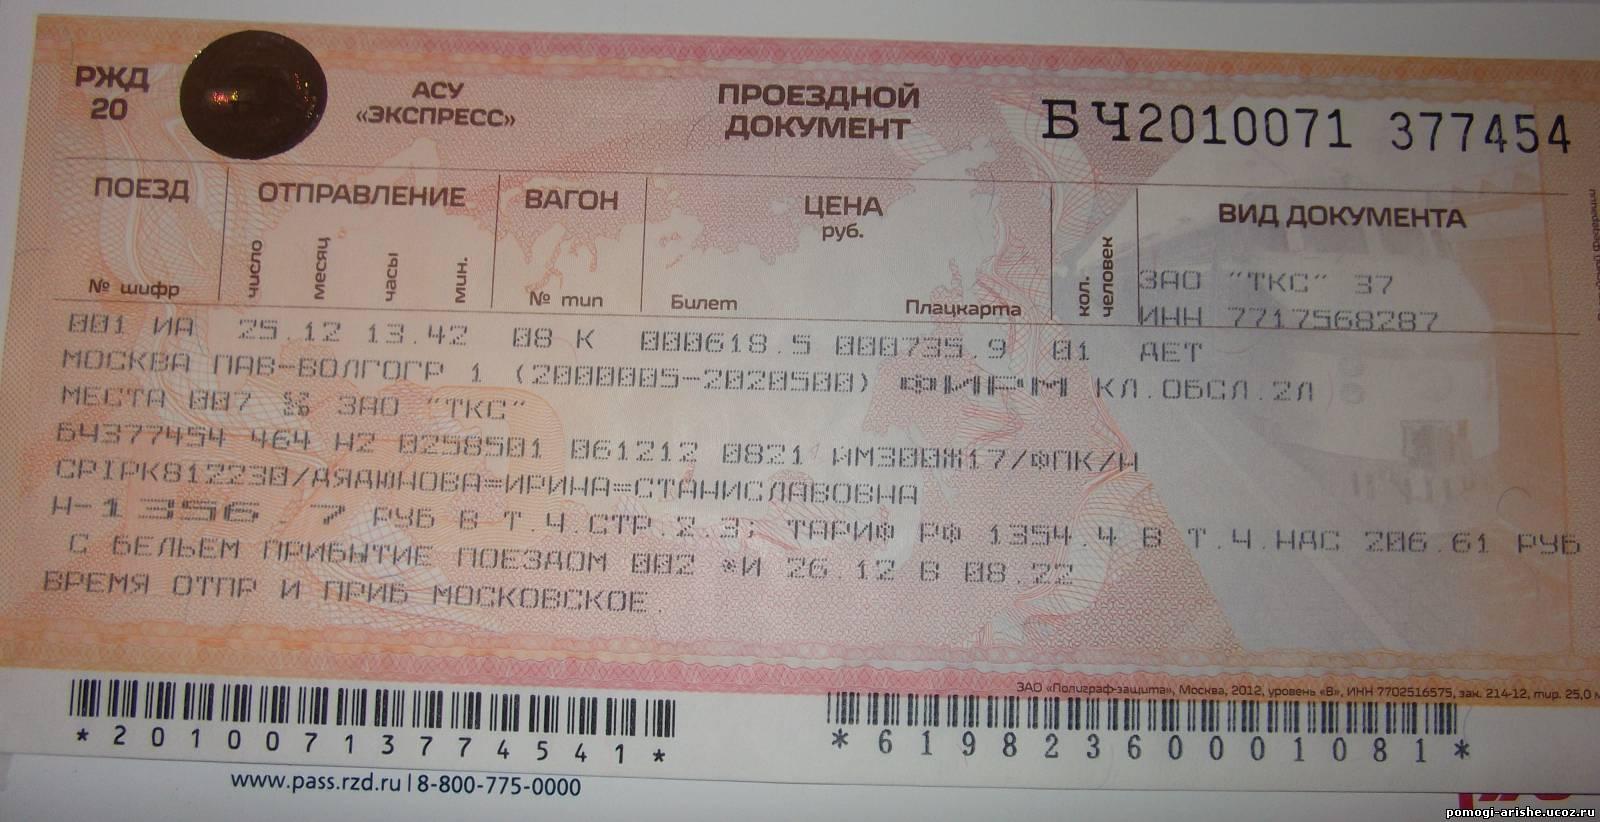 купить билет поезд москва челябинск